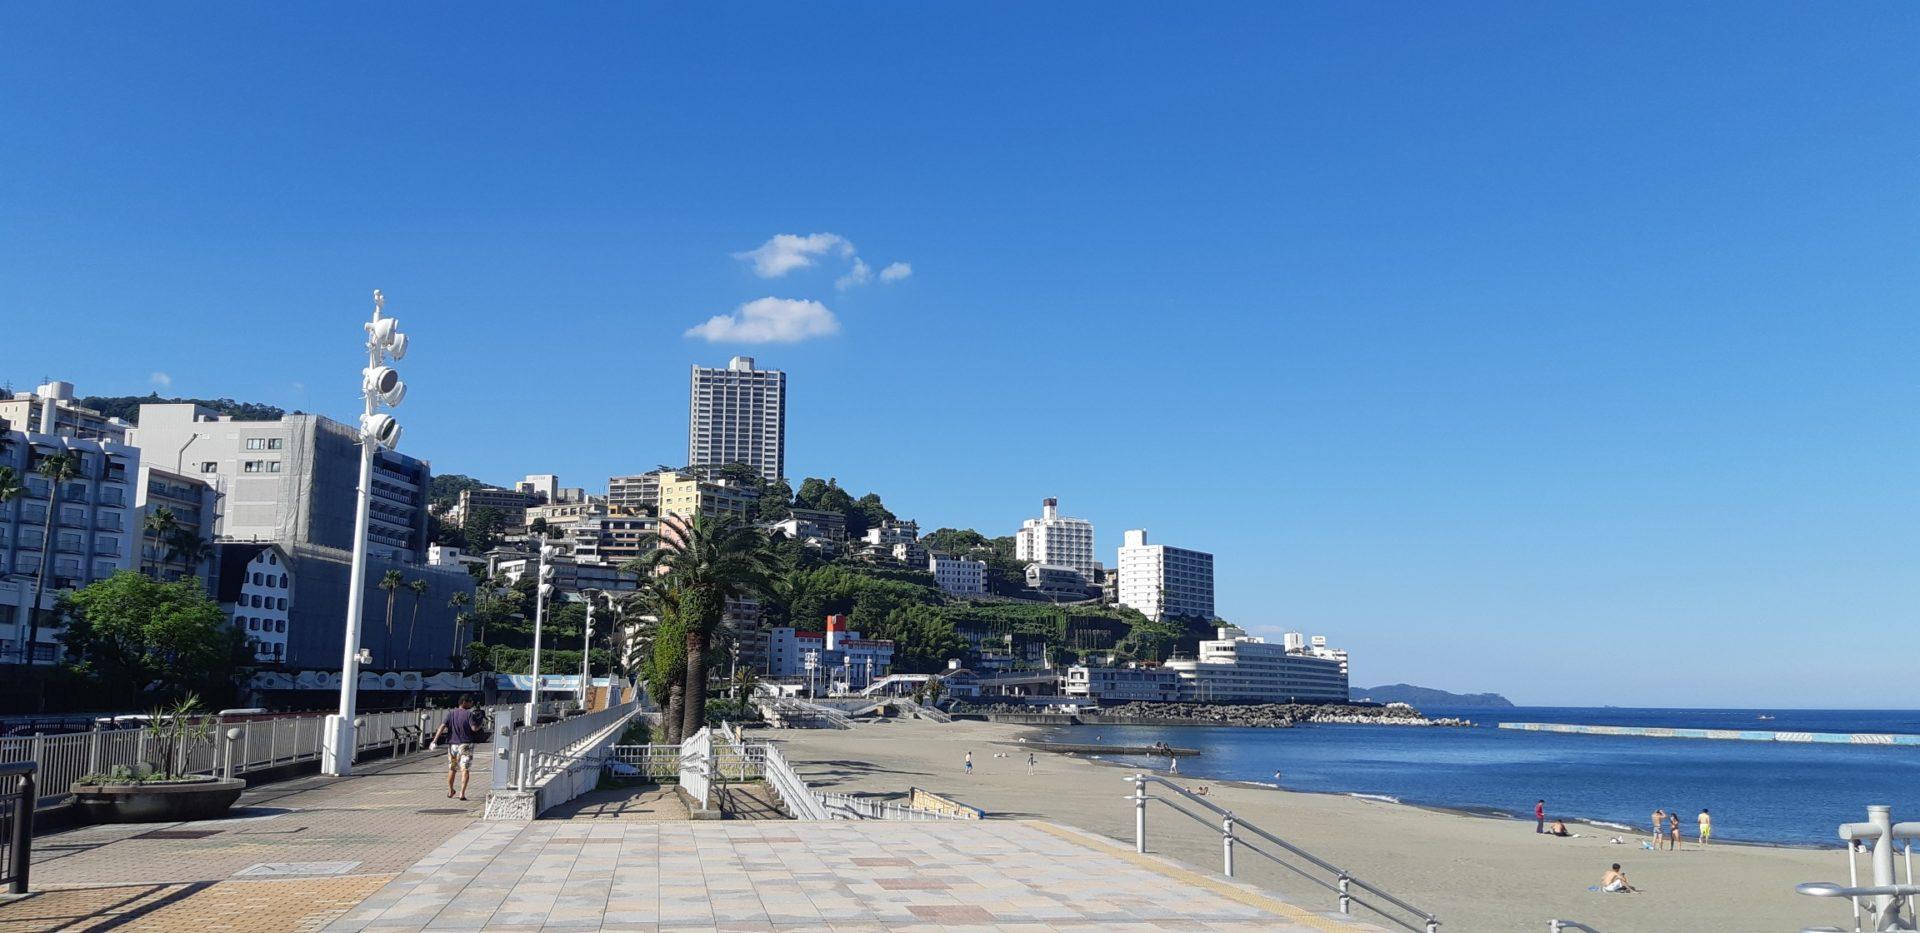 『熱海サンビーチ(海水浴場)』の開設が決定しました。(7月23日